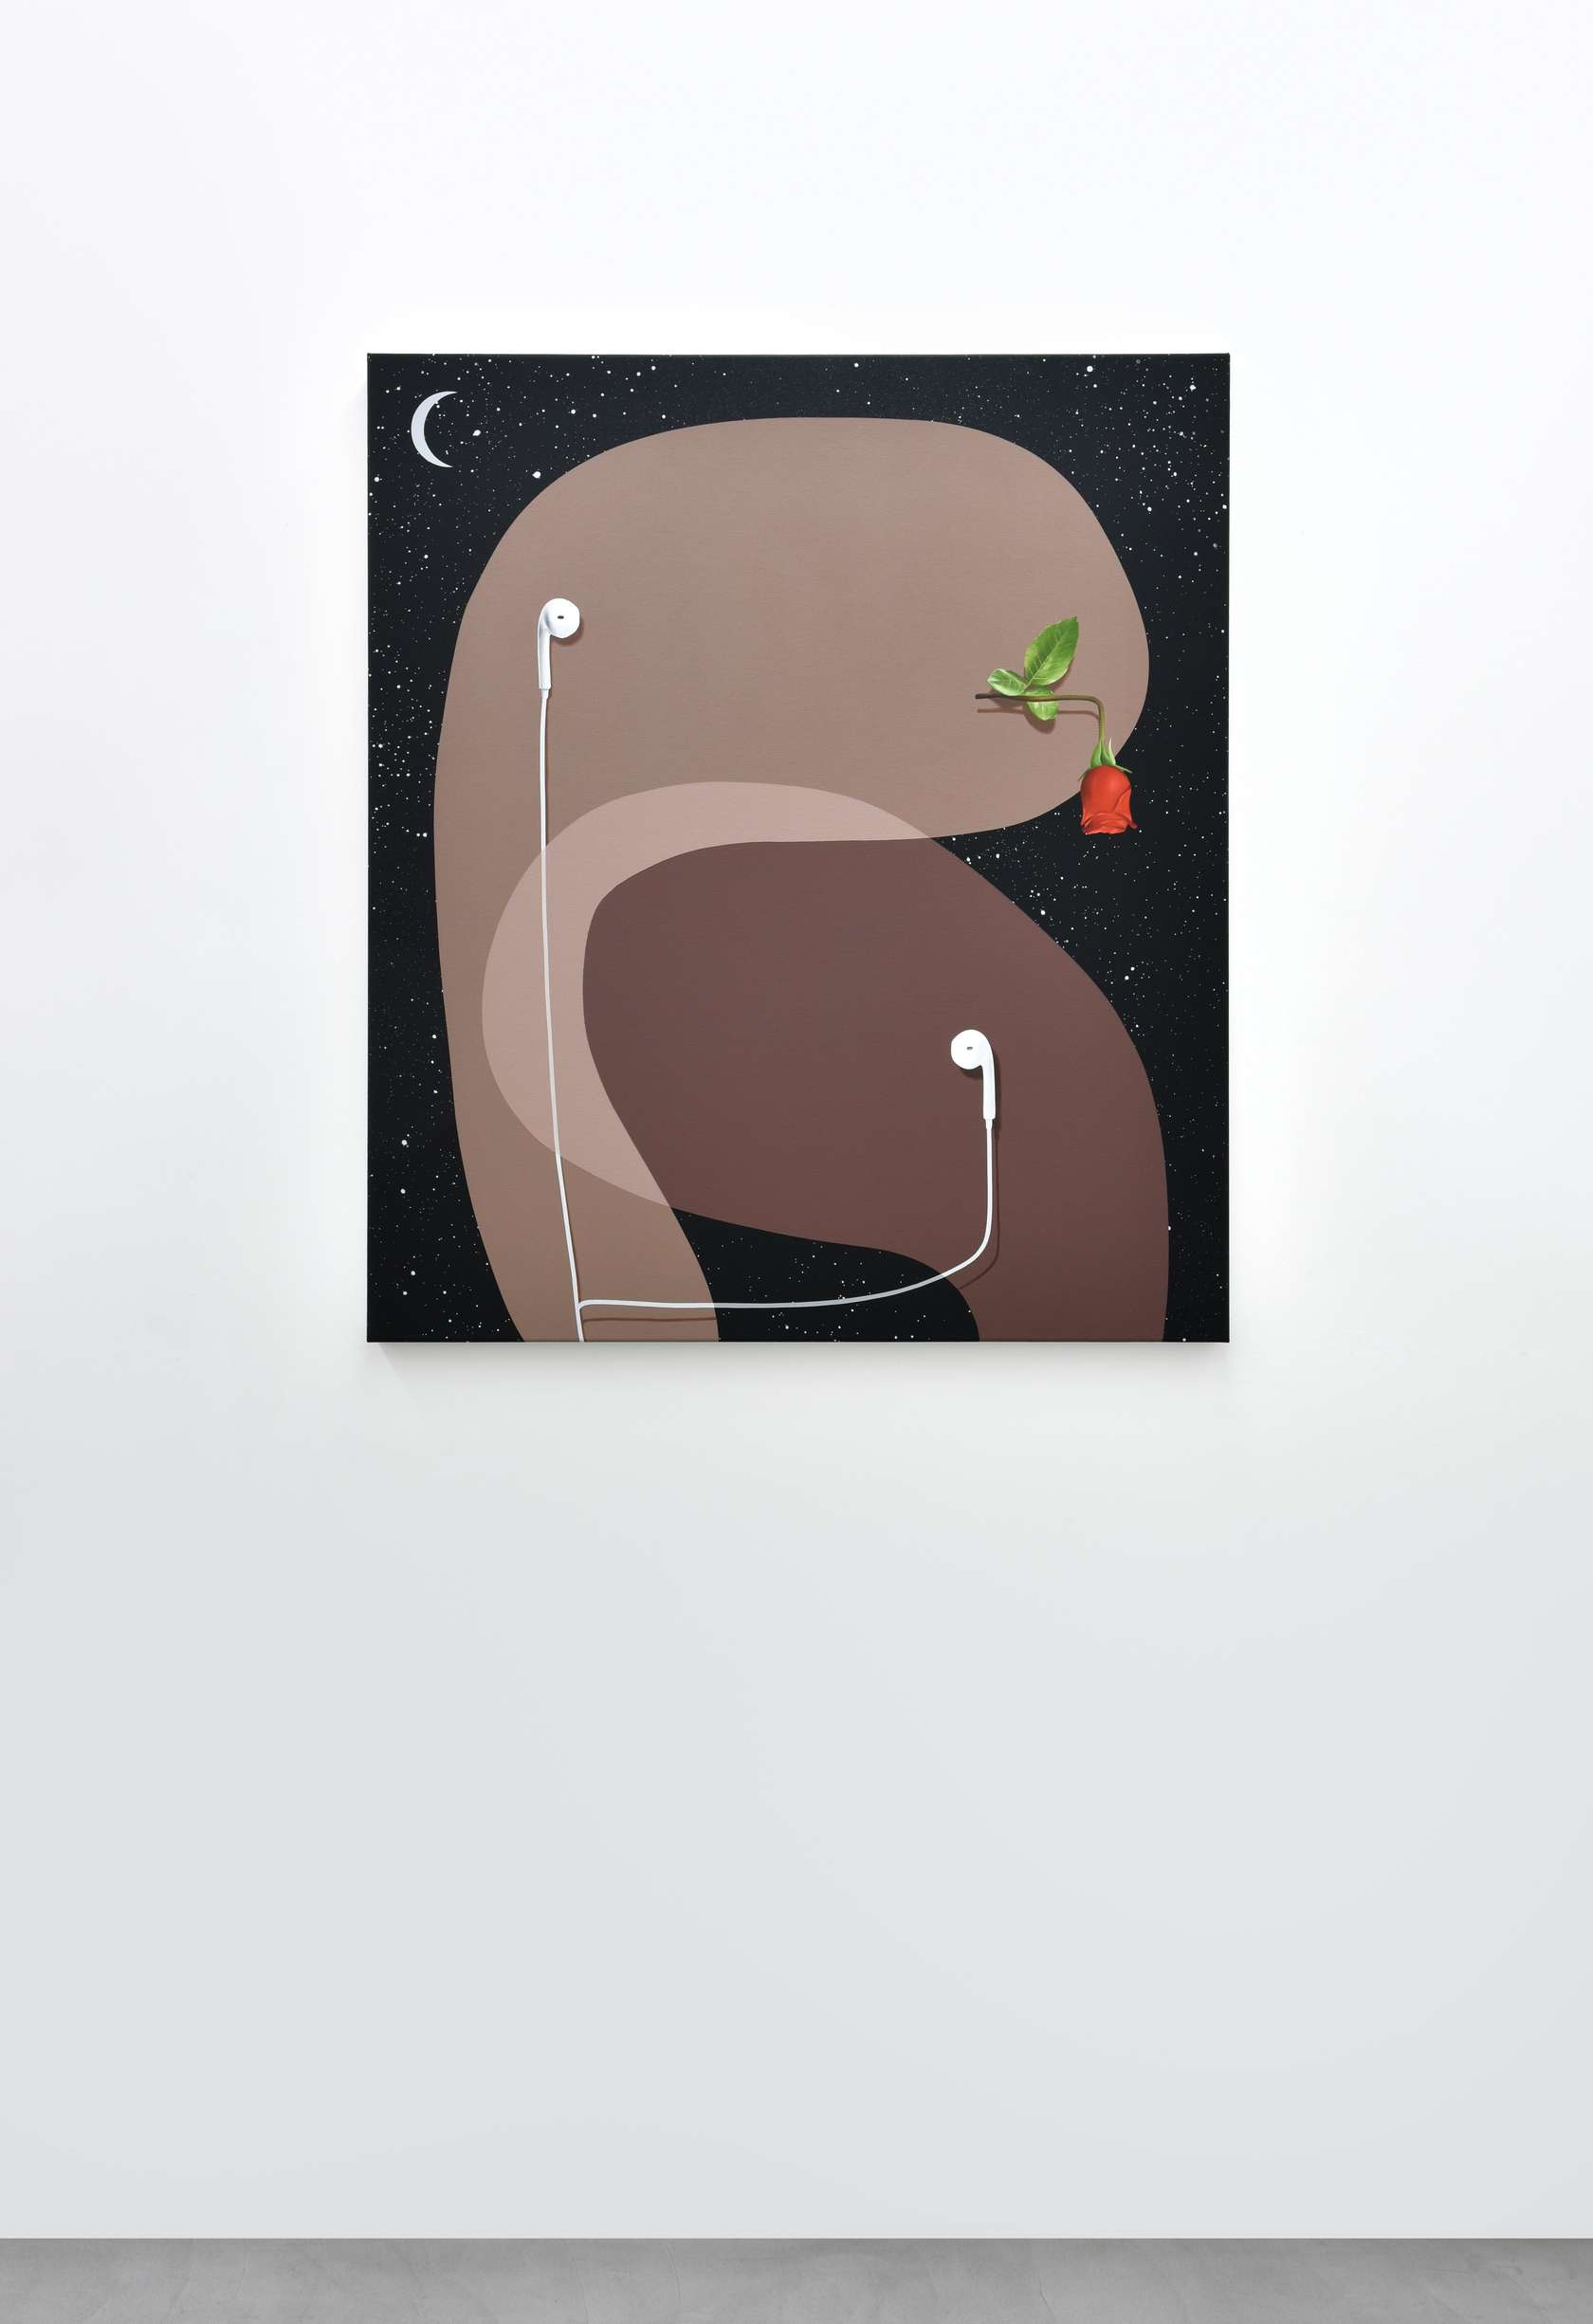 Oli Epp, Romantic Playlist, 2018 Huile, acrylique et peinture aérosol sur toile115 × 100 cm / 45 2/8 × 39 3/8 in.